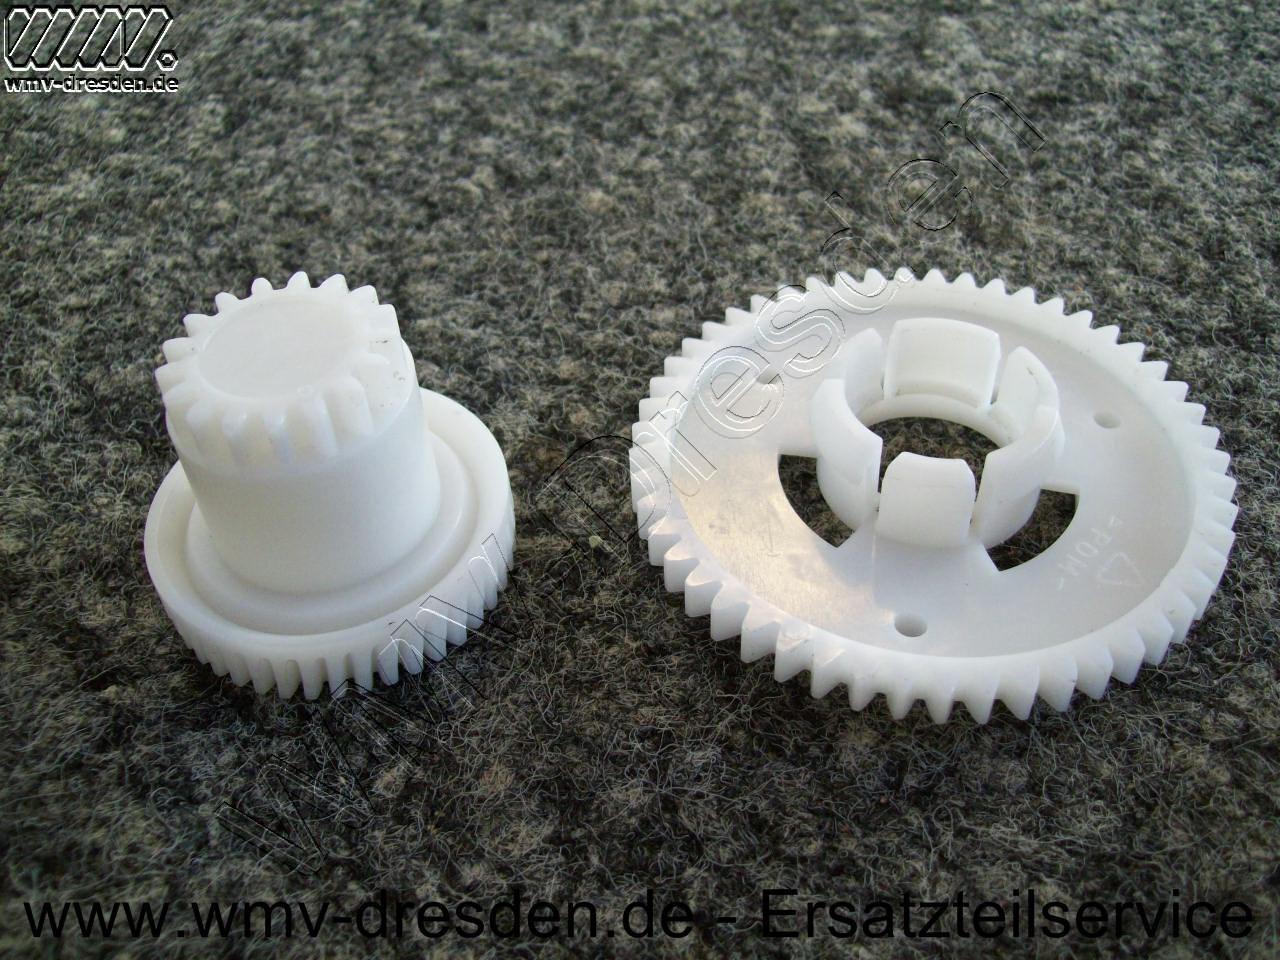 Zahnradsatz (großes und kleines Zahnrad) für Schneidmesserantrieb AS 130